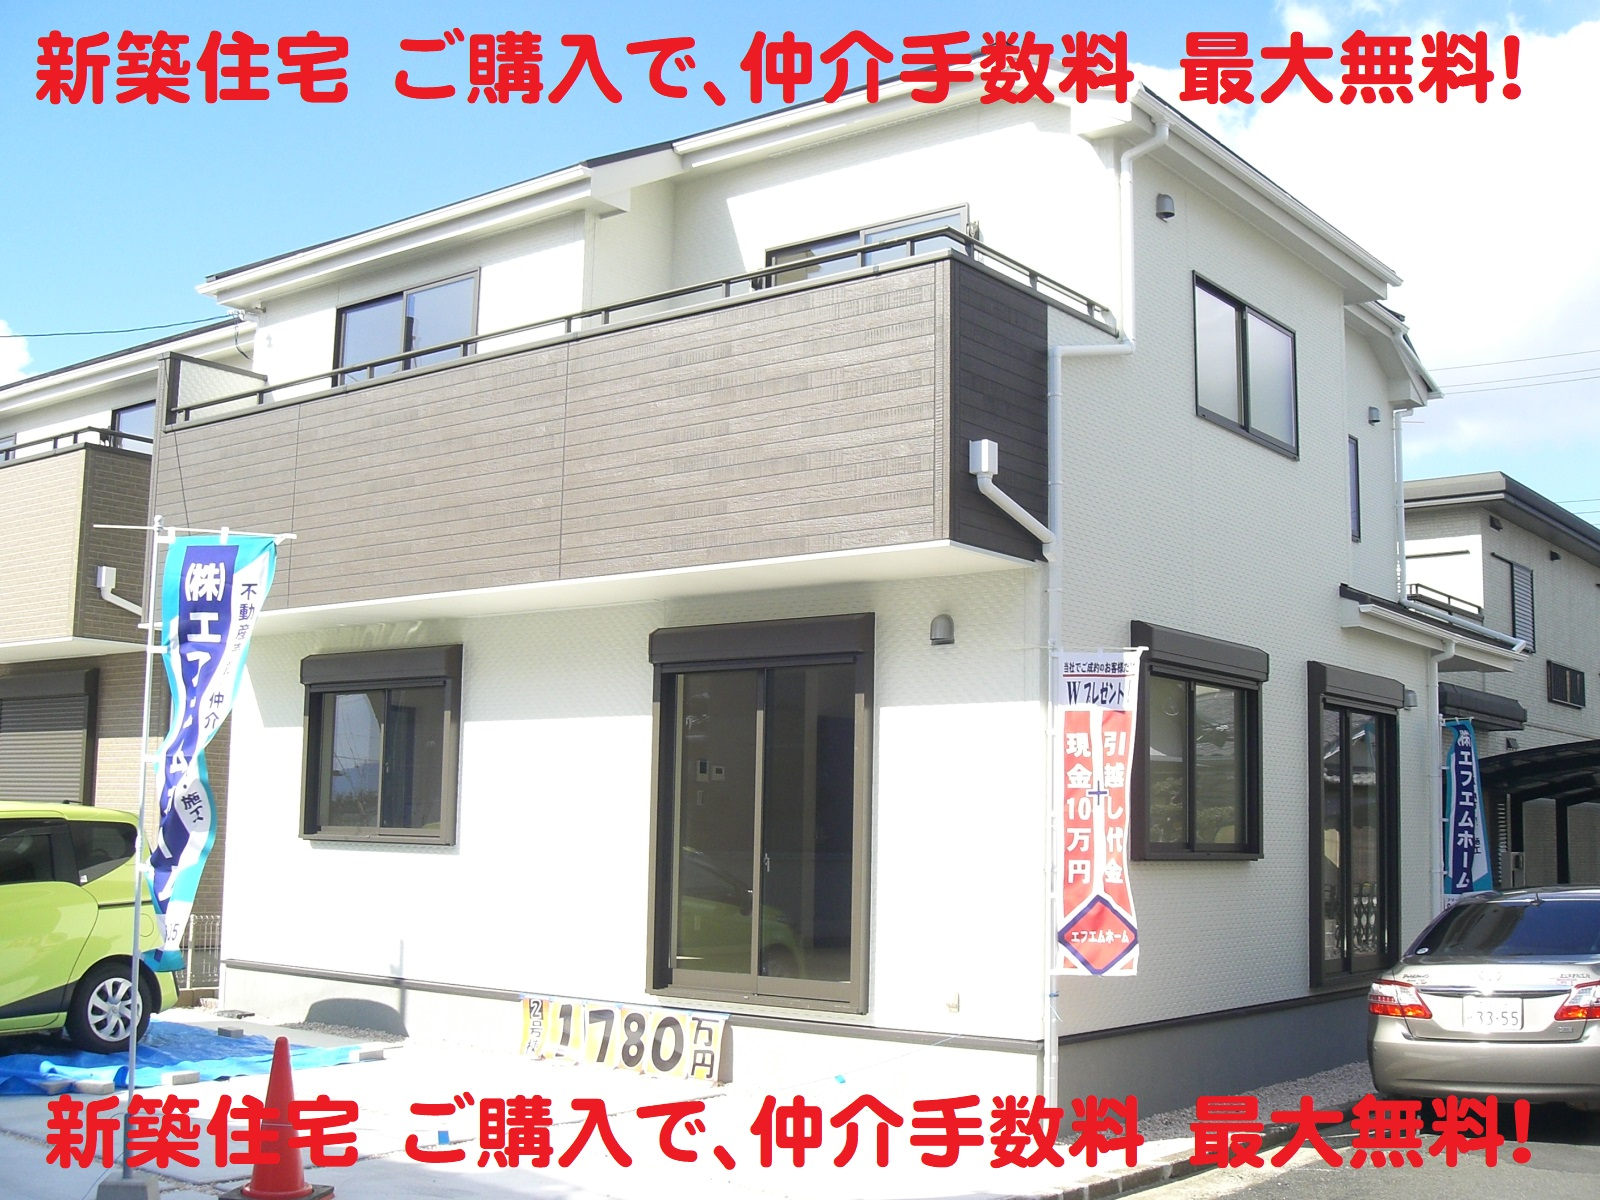 田原本町 黒田 新築 全2棟 現地画像 好評分譲中